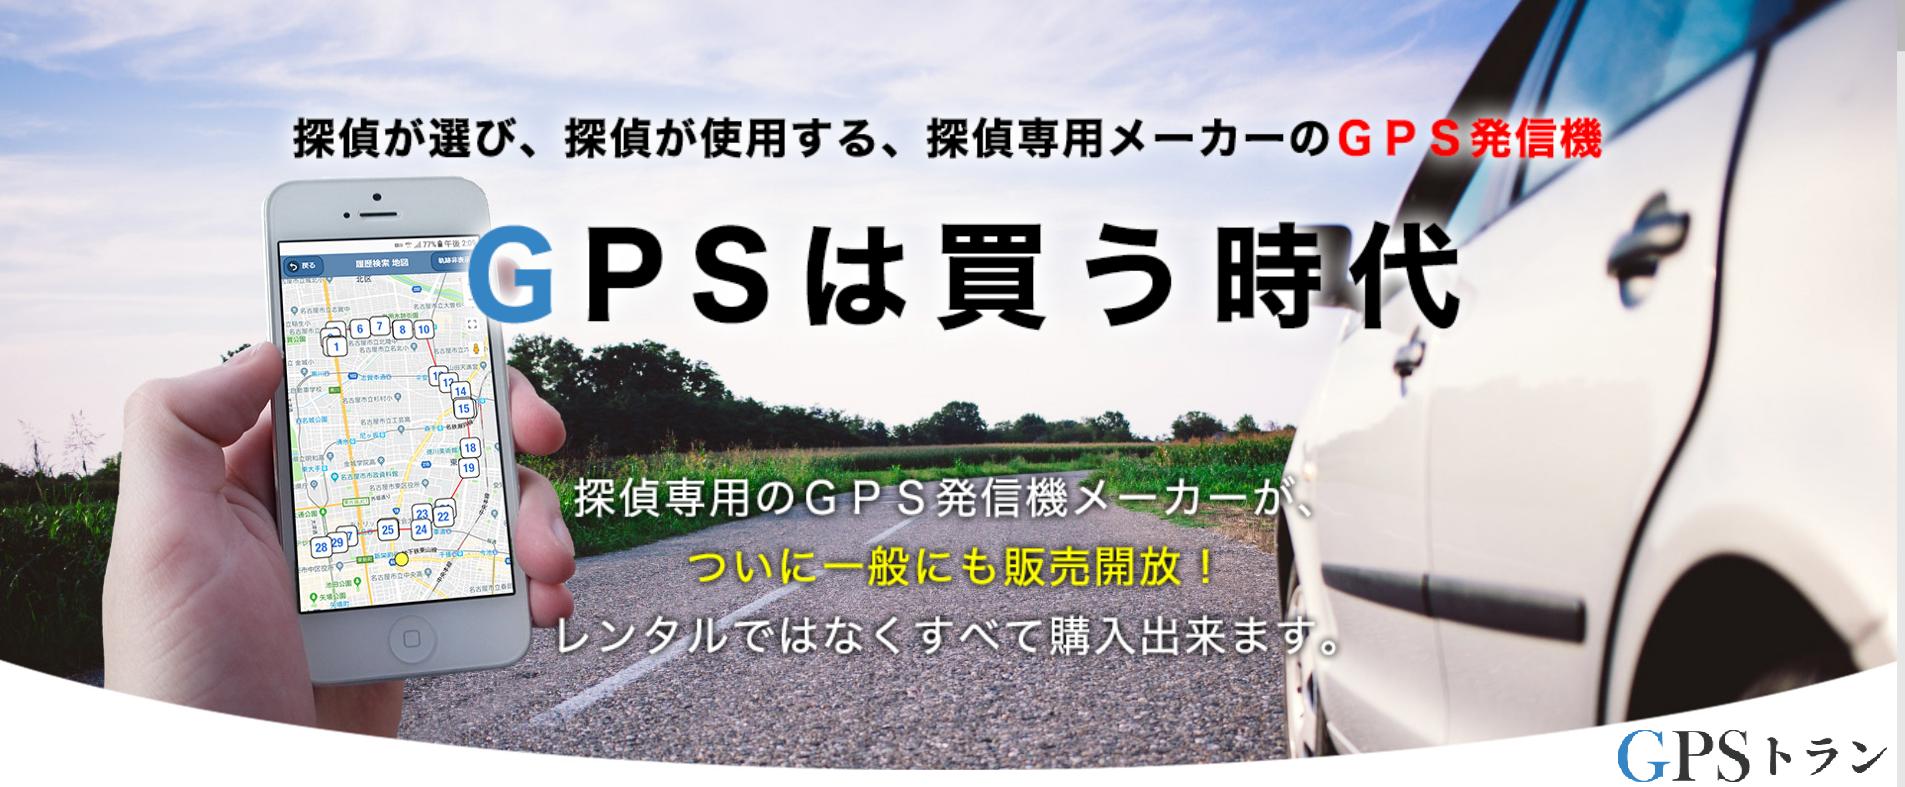 業界初!プロが使用するGPS発信機メーカーと提携が実現 本気の探偵が本気でおすすめするGPS購入サイト